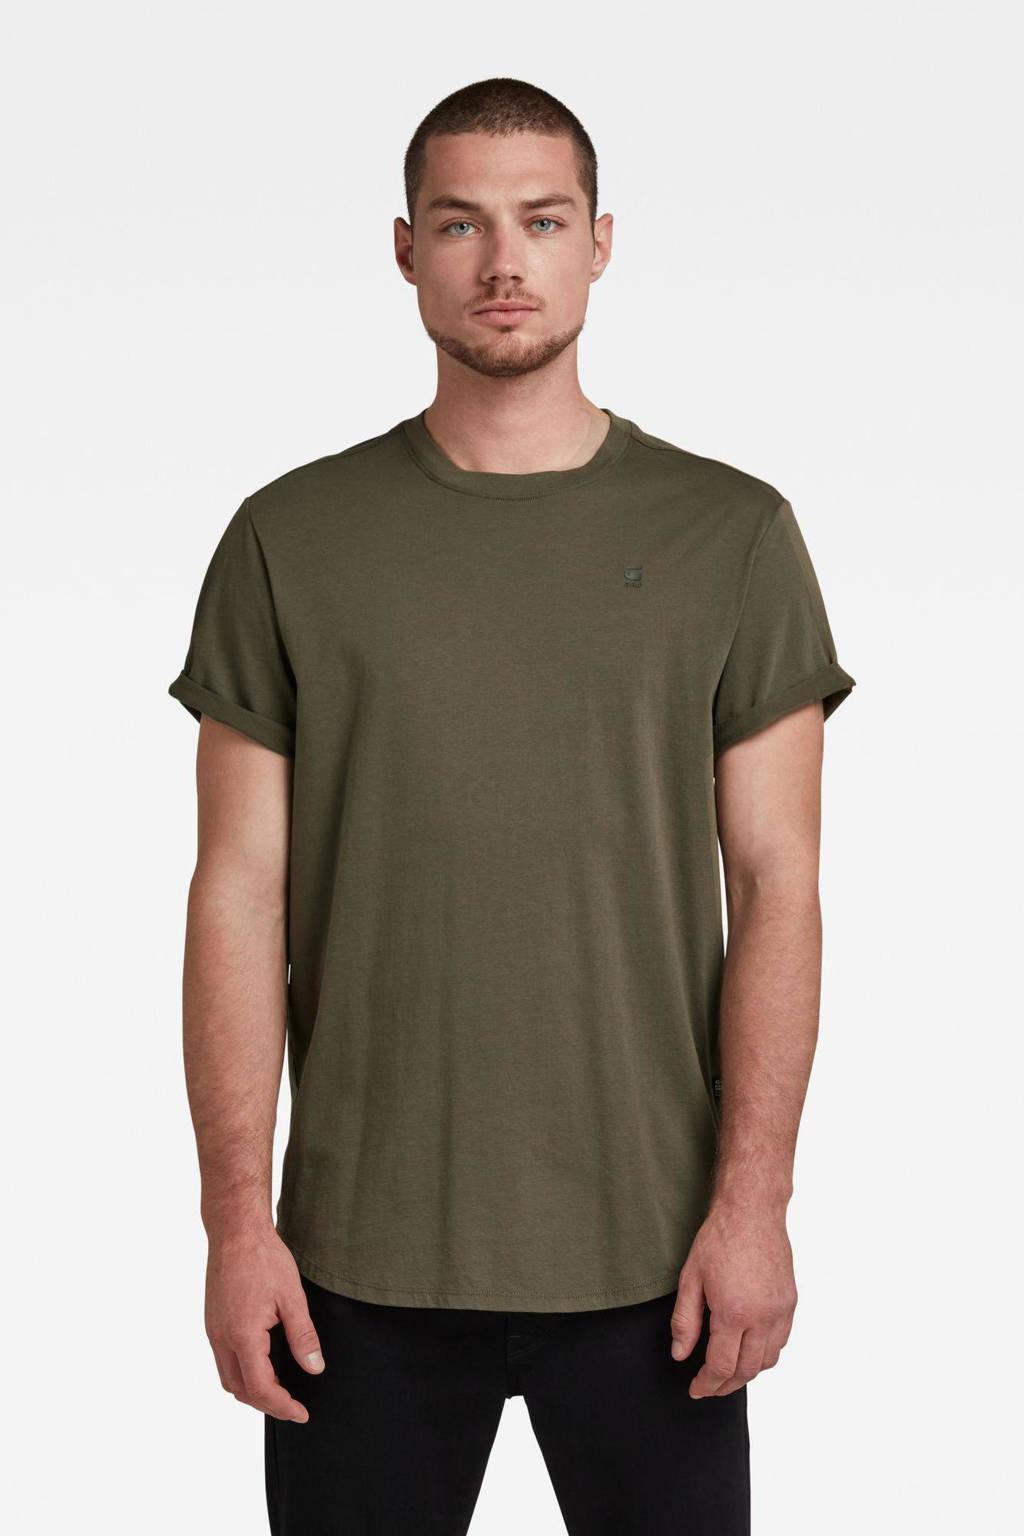 G-Star RAW regular fit T-shirt van biologisch katoen 723-combat